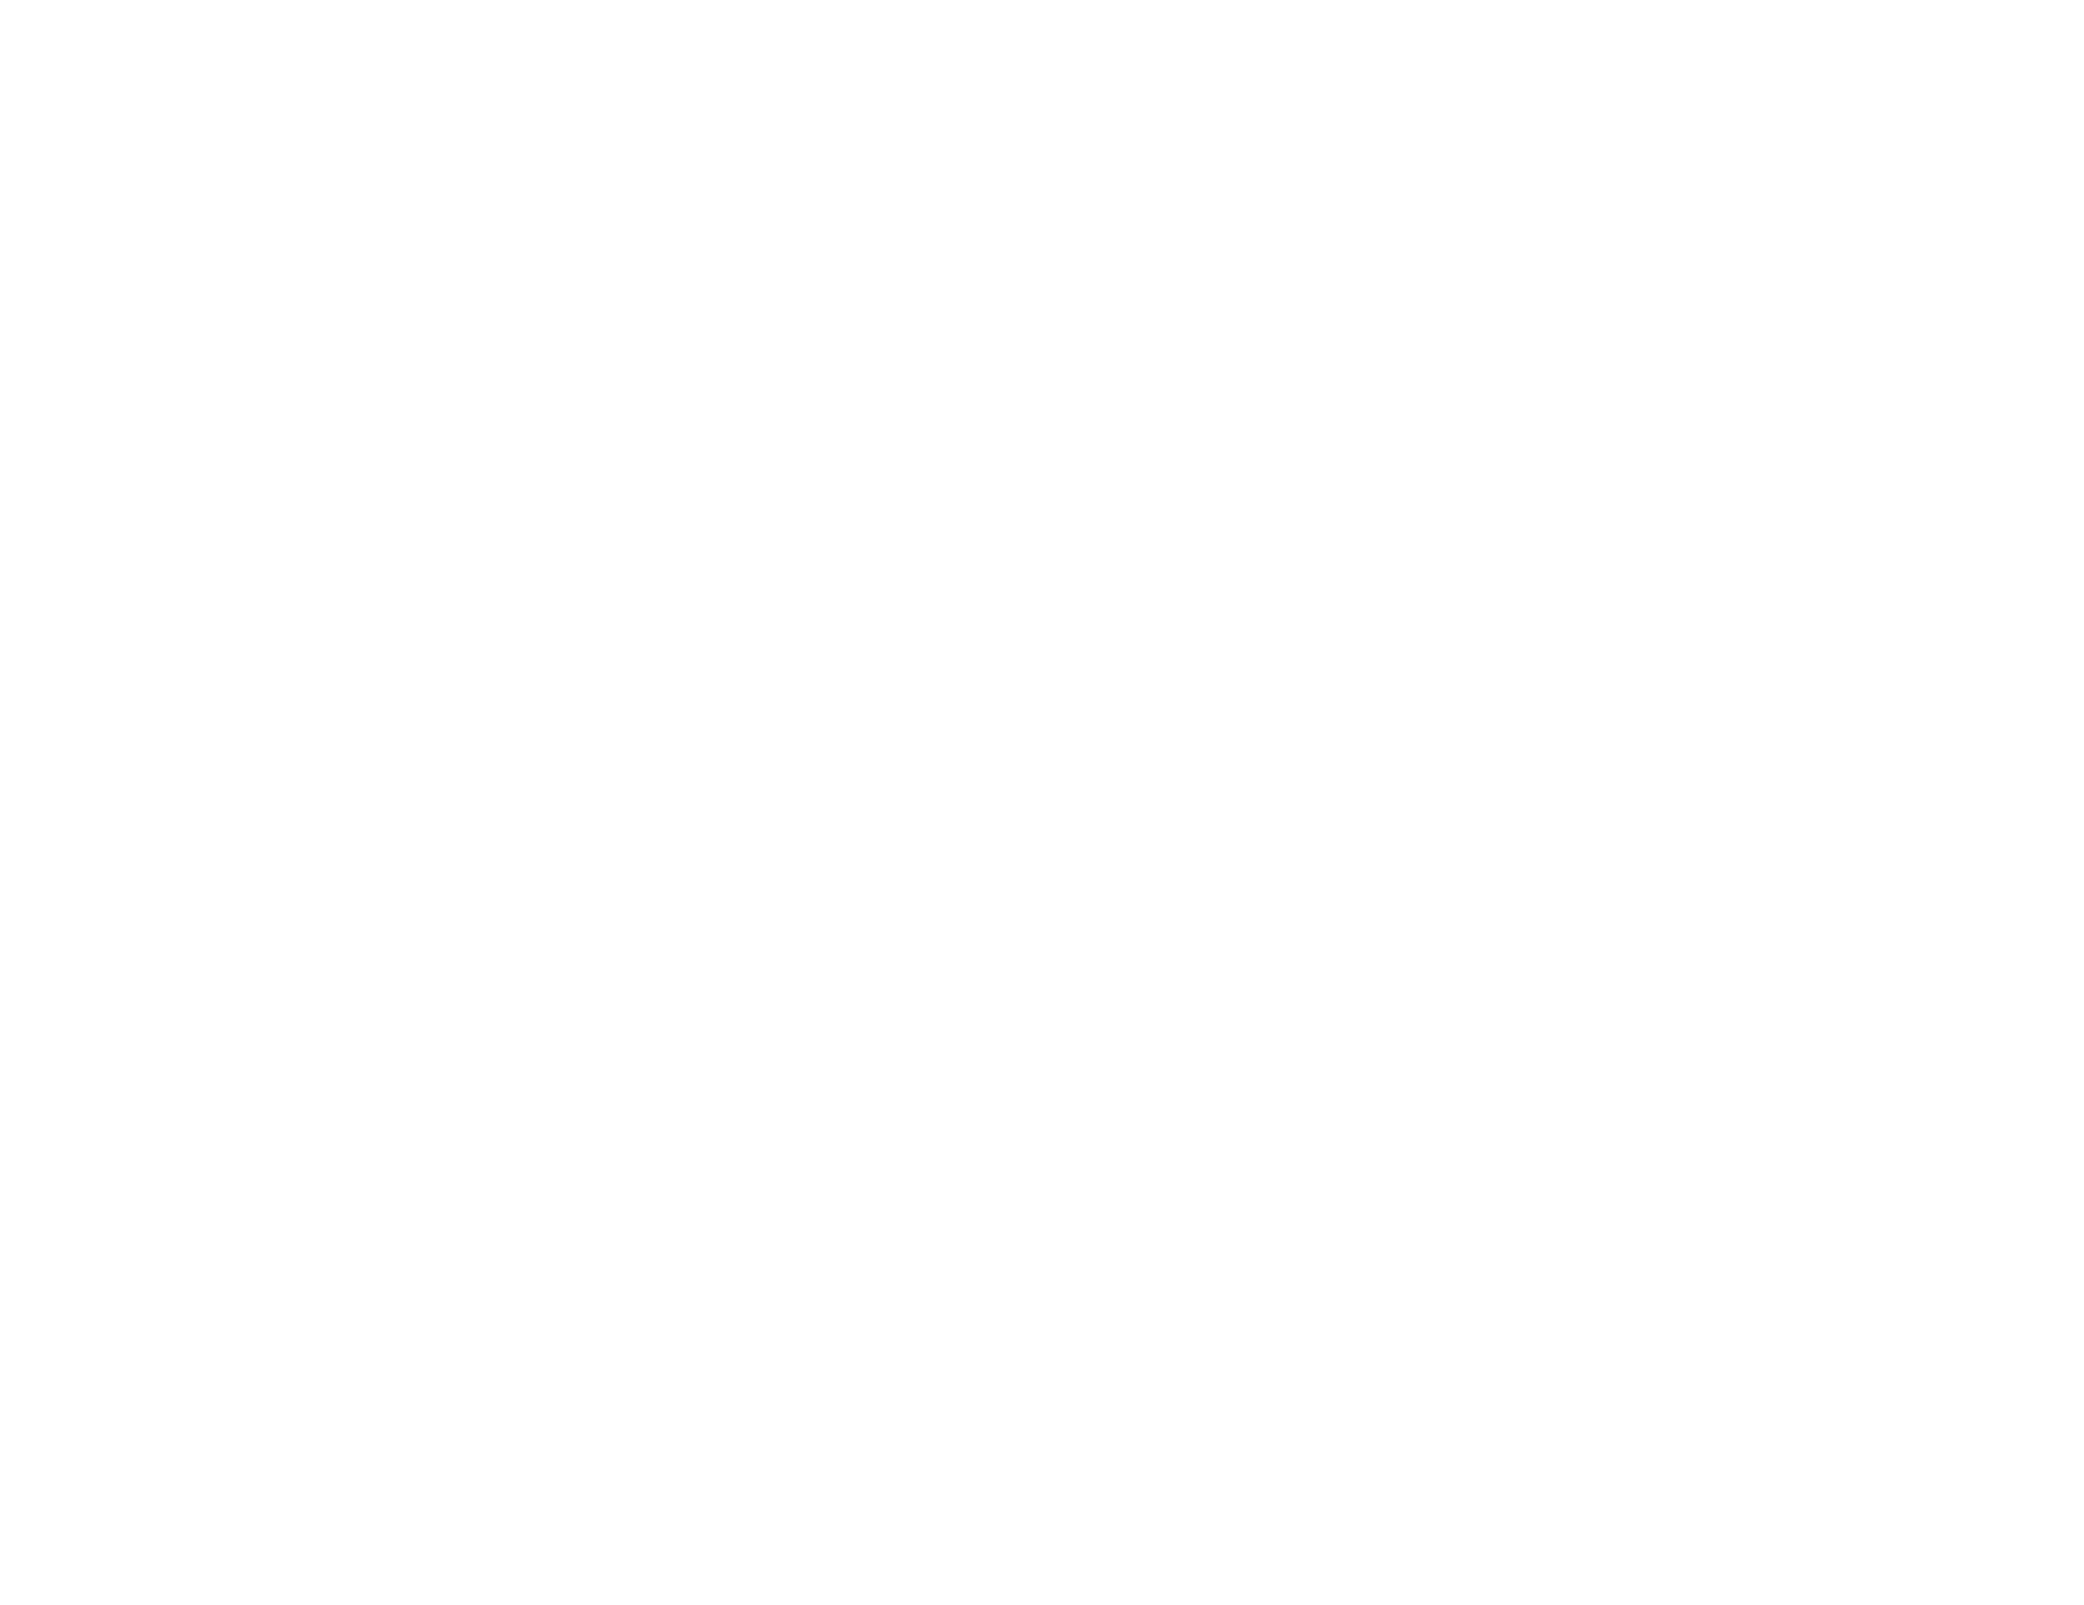 portable safes-01.png